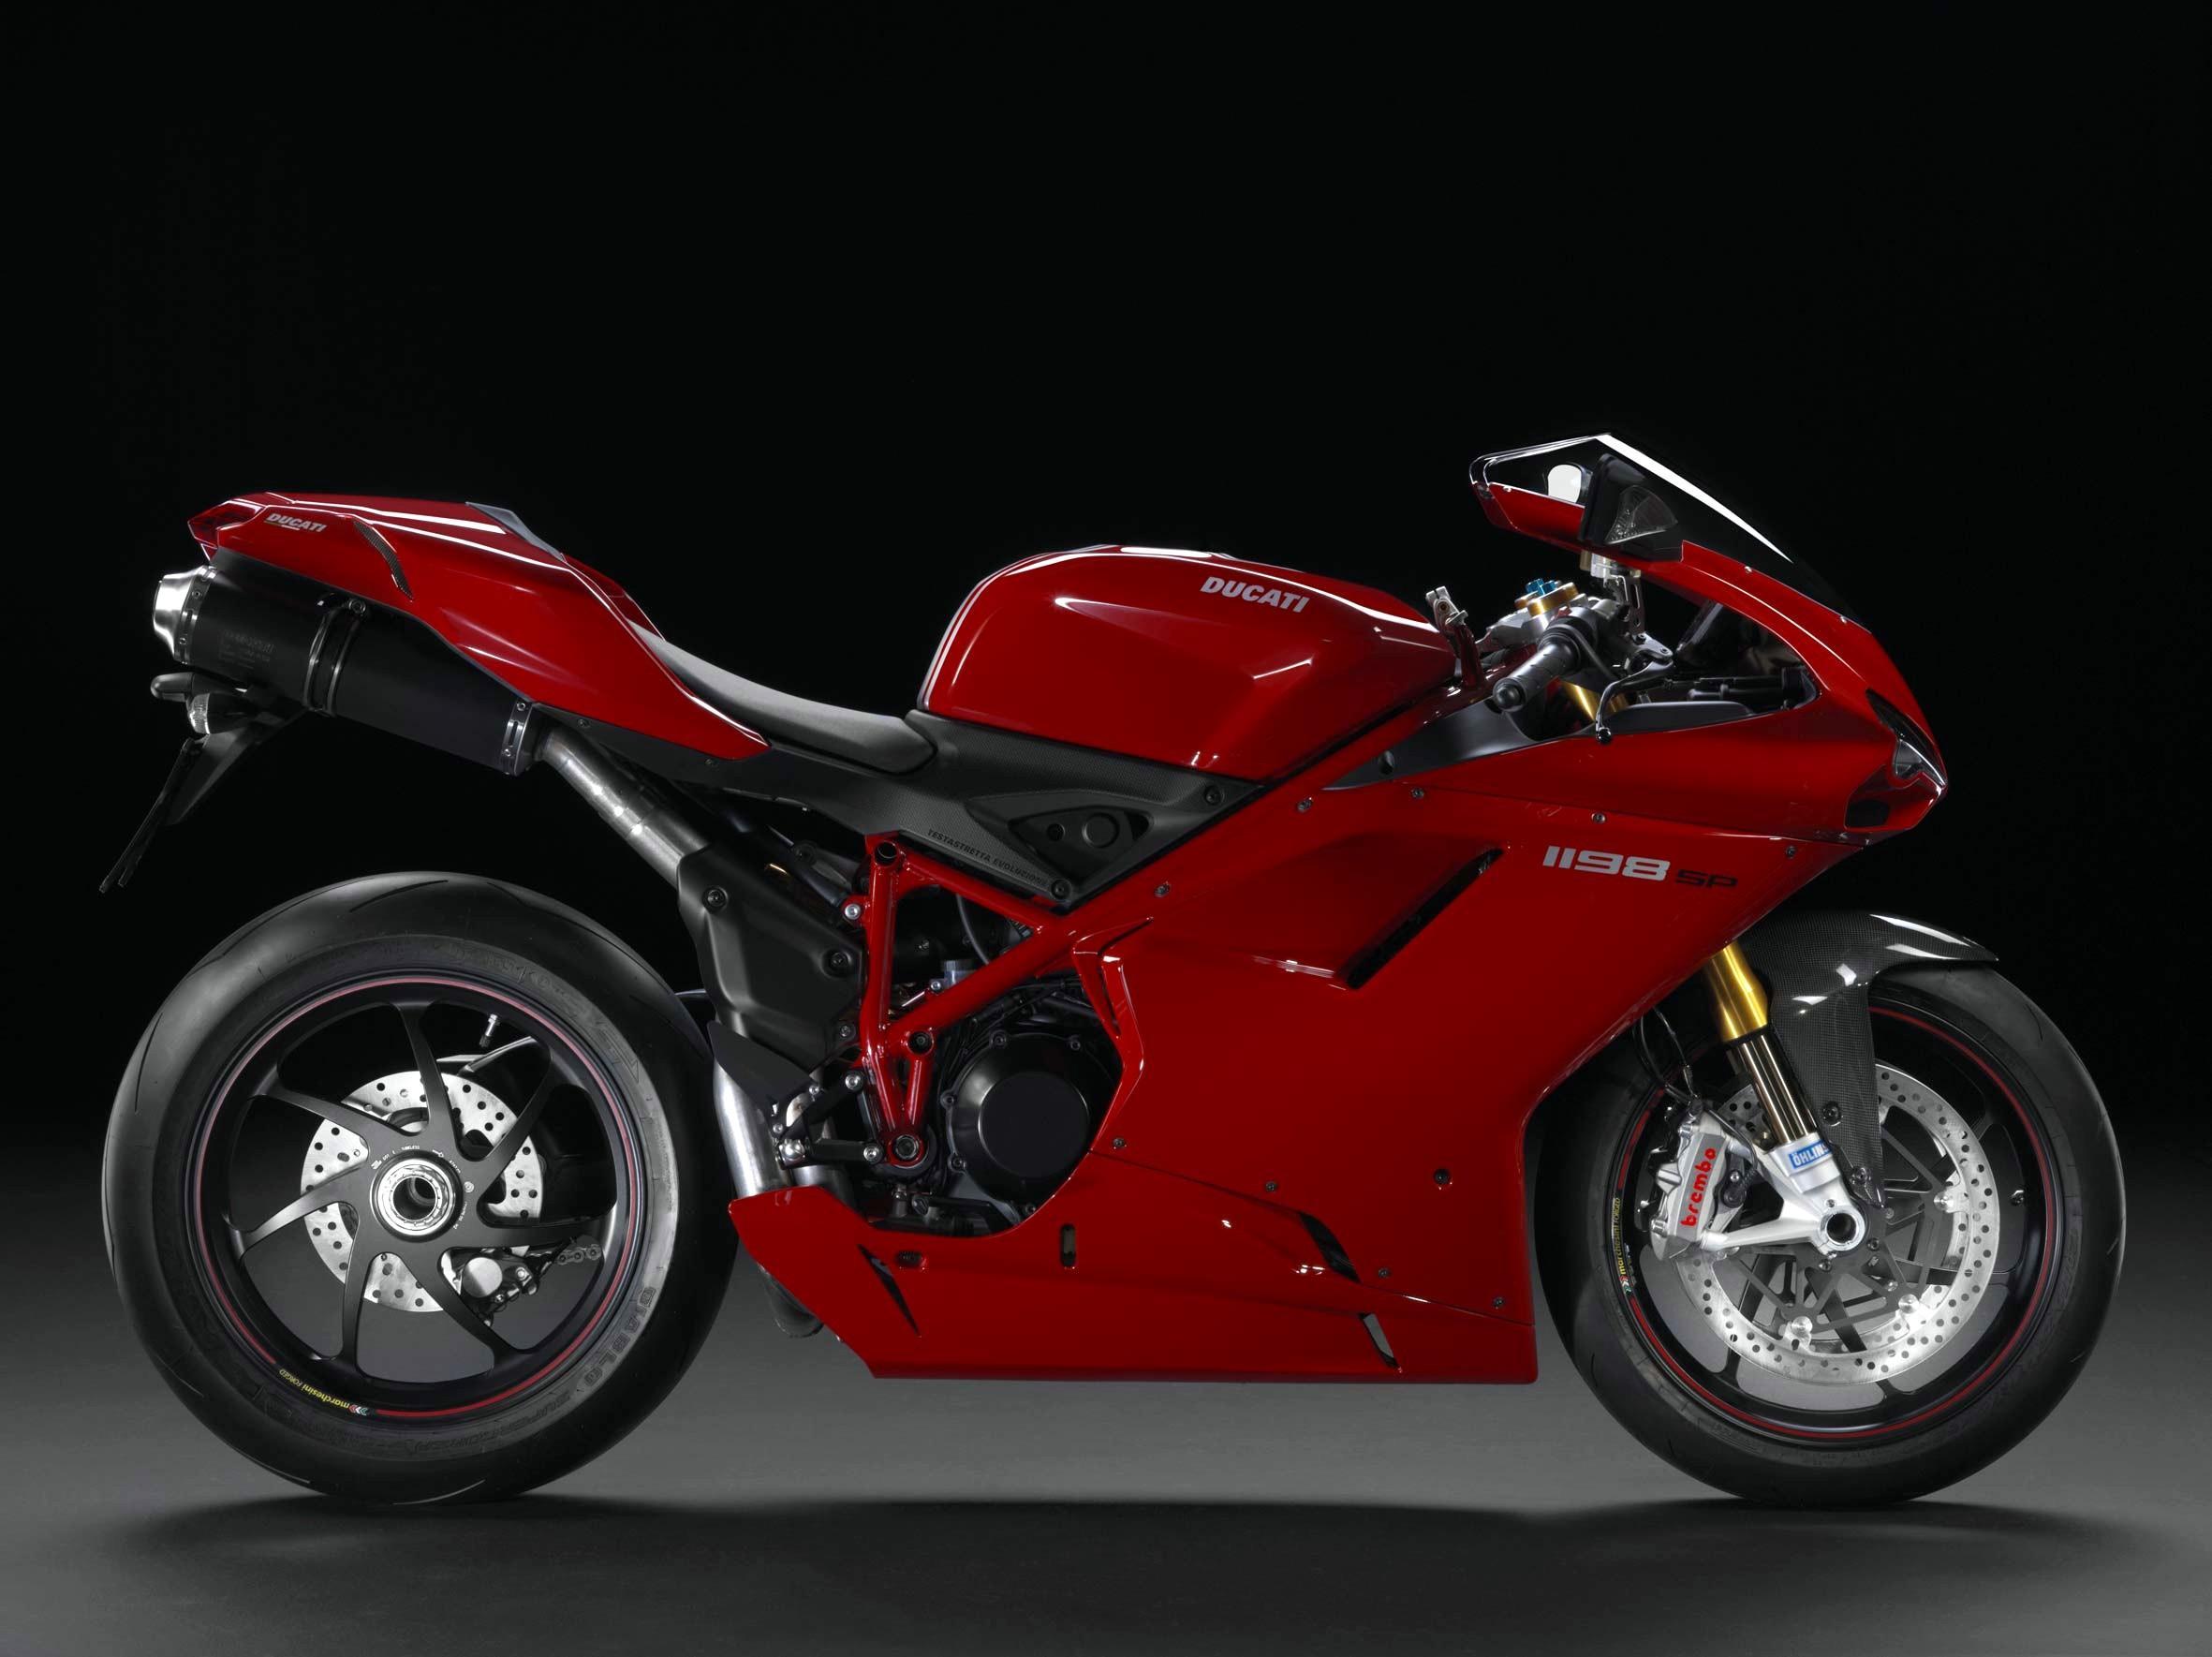 Superbike Hd Wallpaper Full Screen: Ducati Superbike Wallpaper HD Download